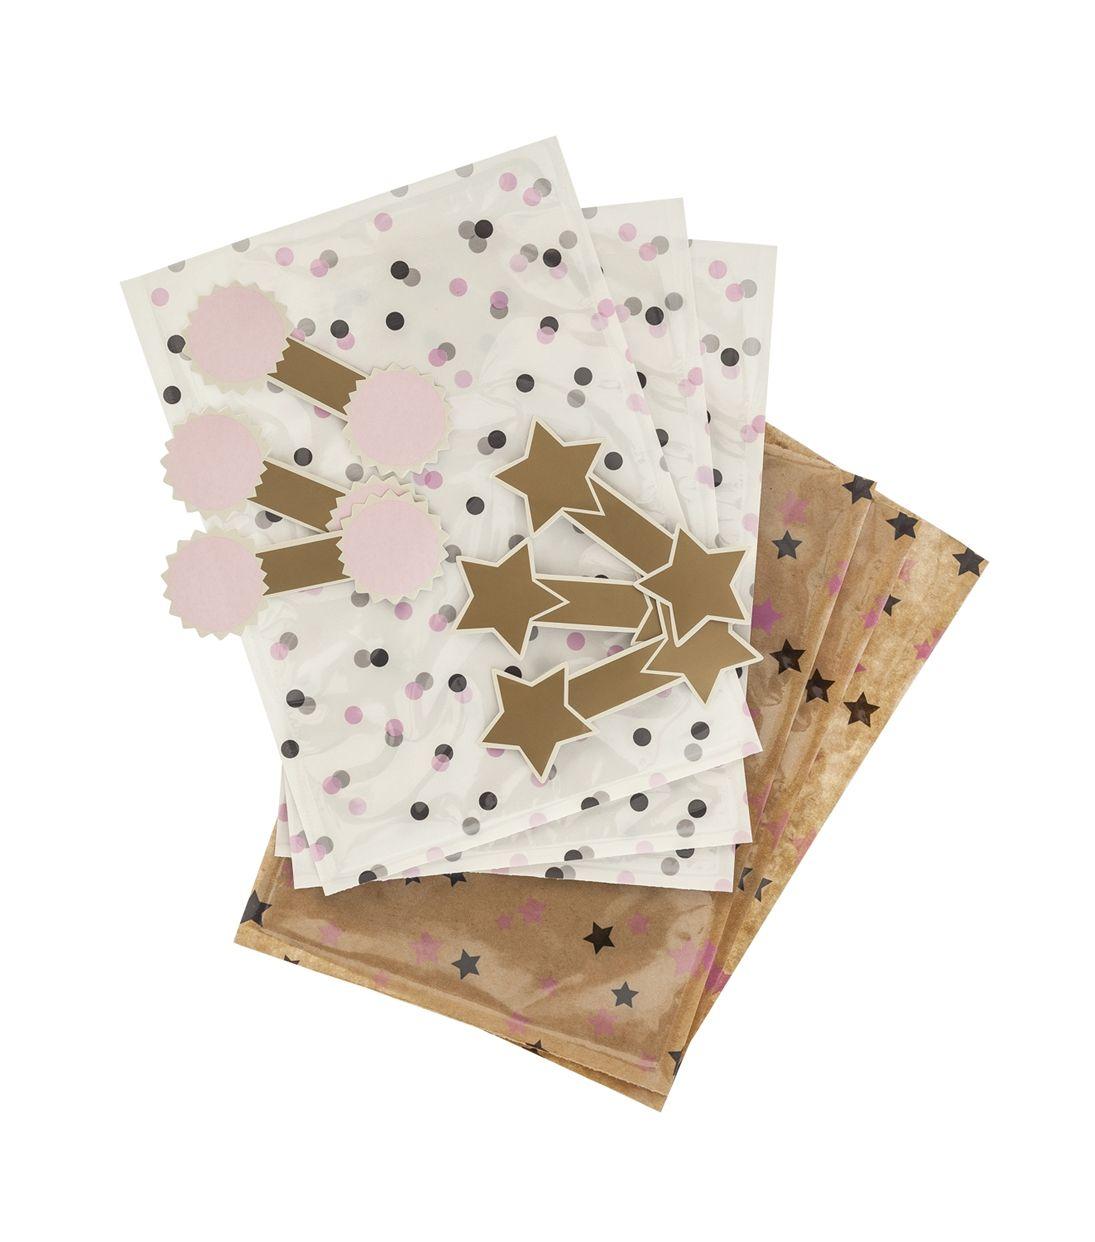 6 pak venster zakjes middel hema hema pinterest for Papieren vensterzakjes